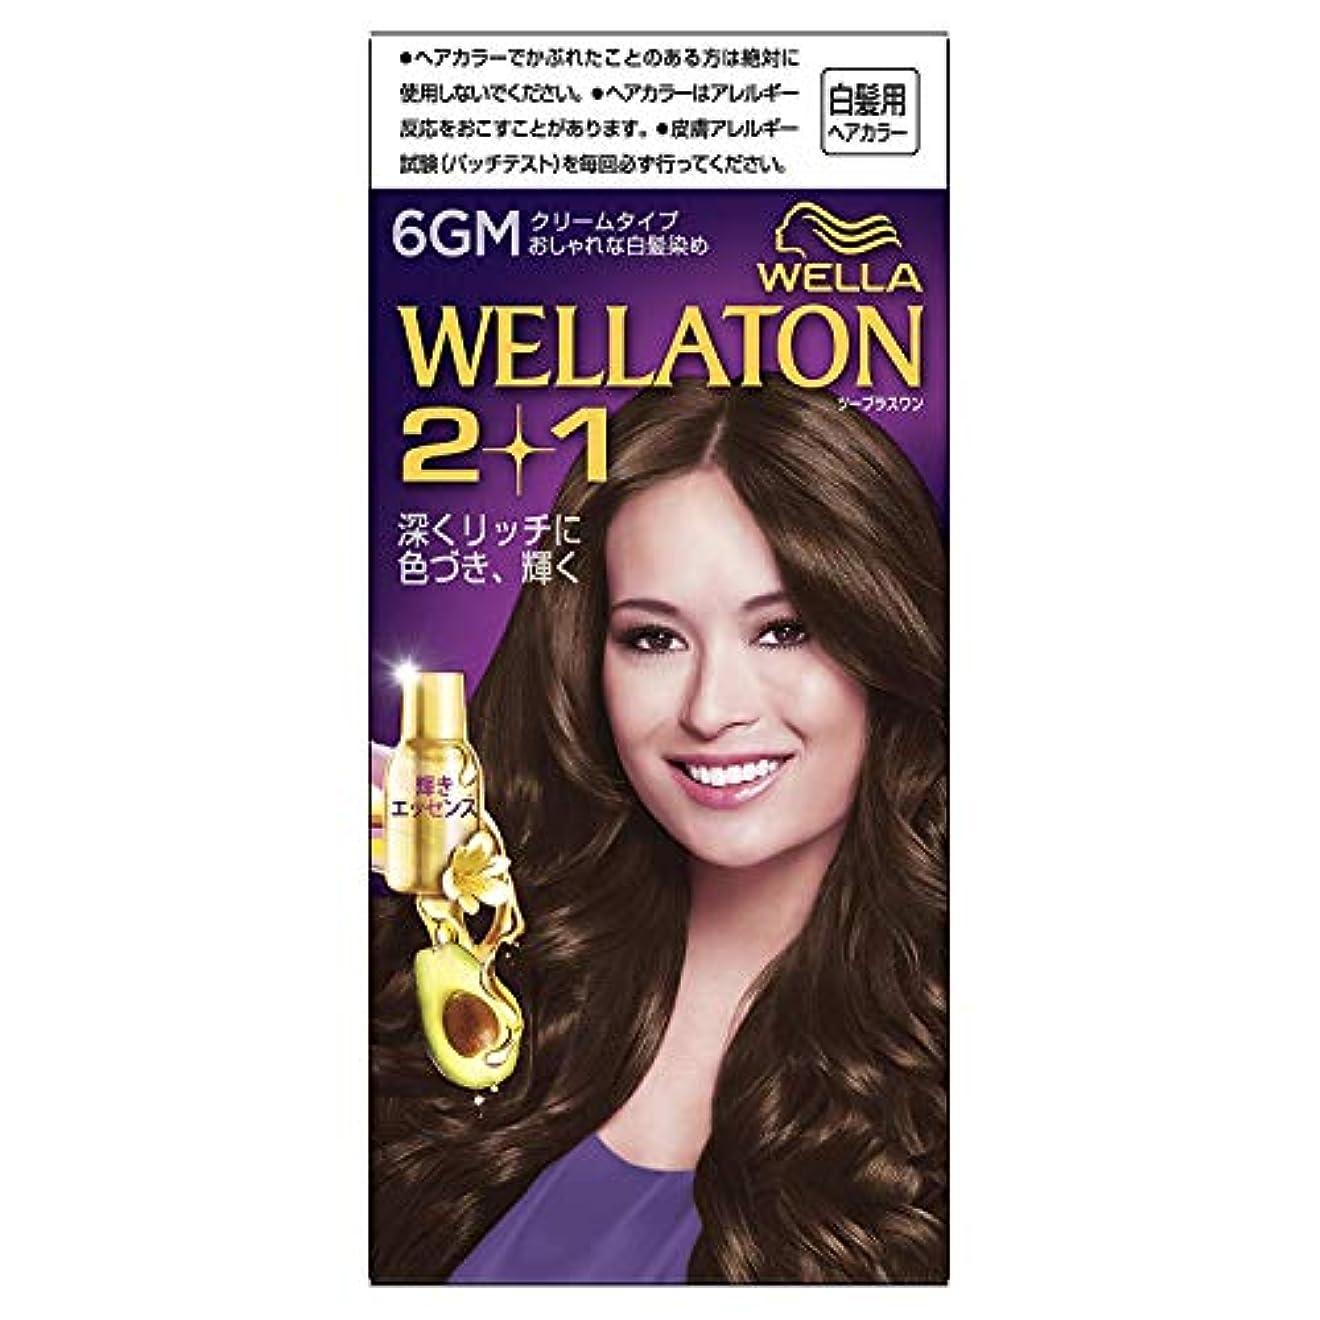 がっかりした適応する同意するウエラトーン2+1 クリームタイプ 6GM [医薬部外品]×3個